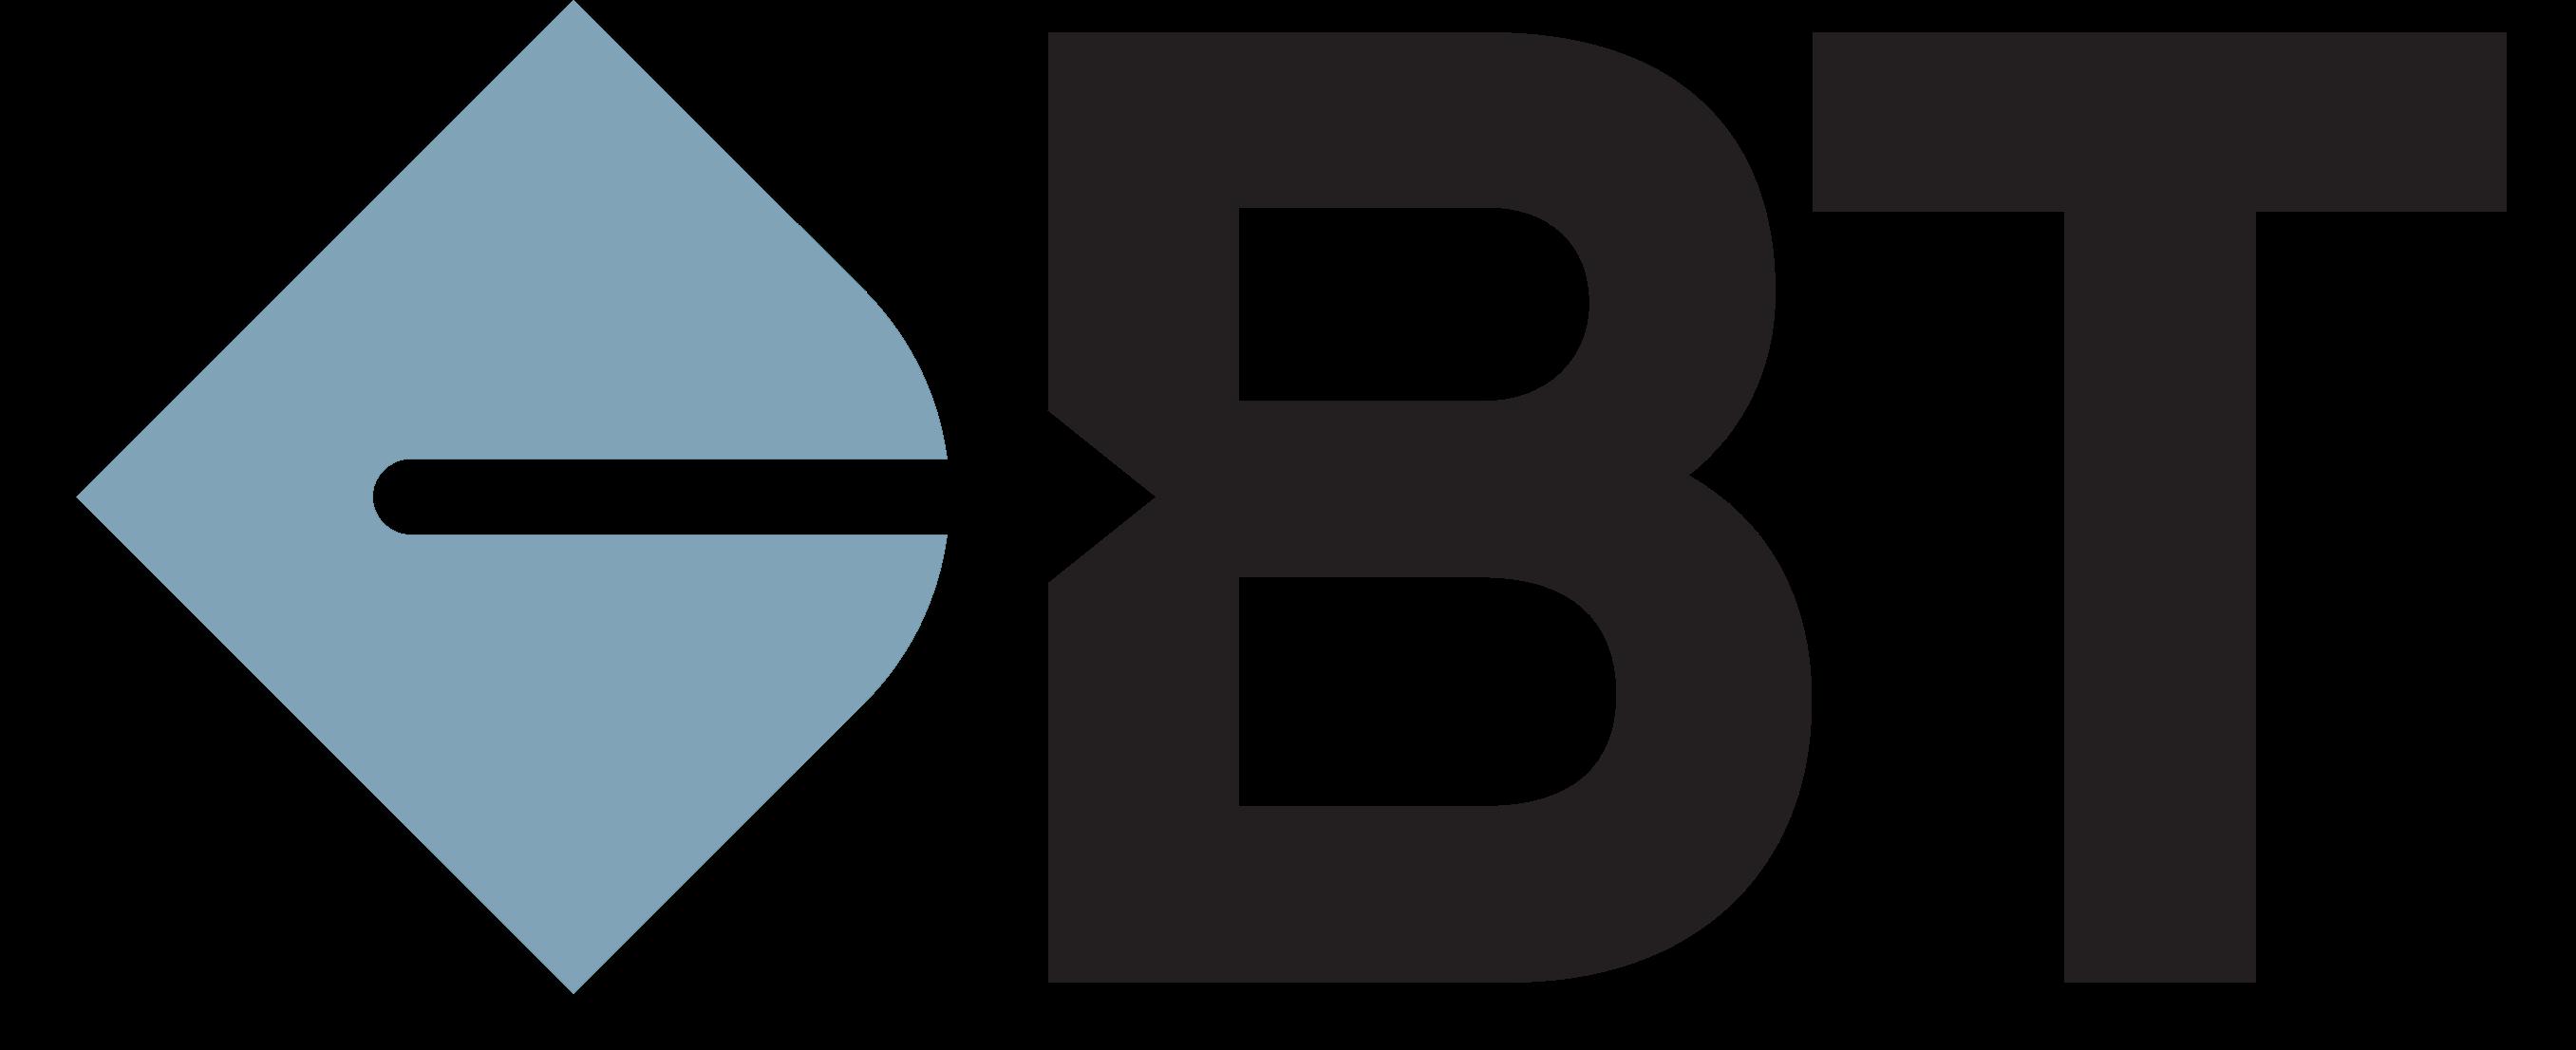 BT Financial Group.